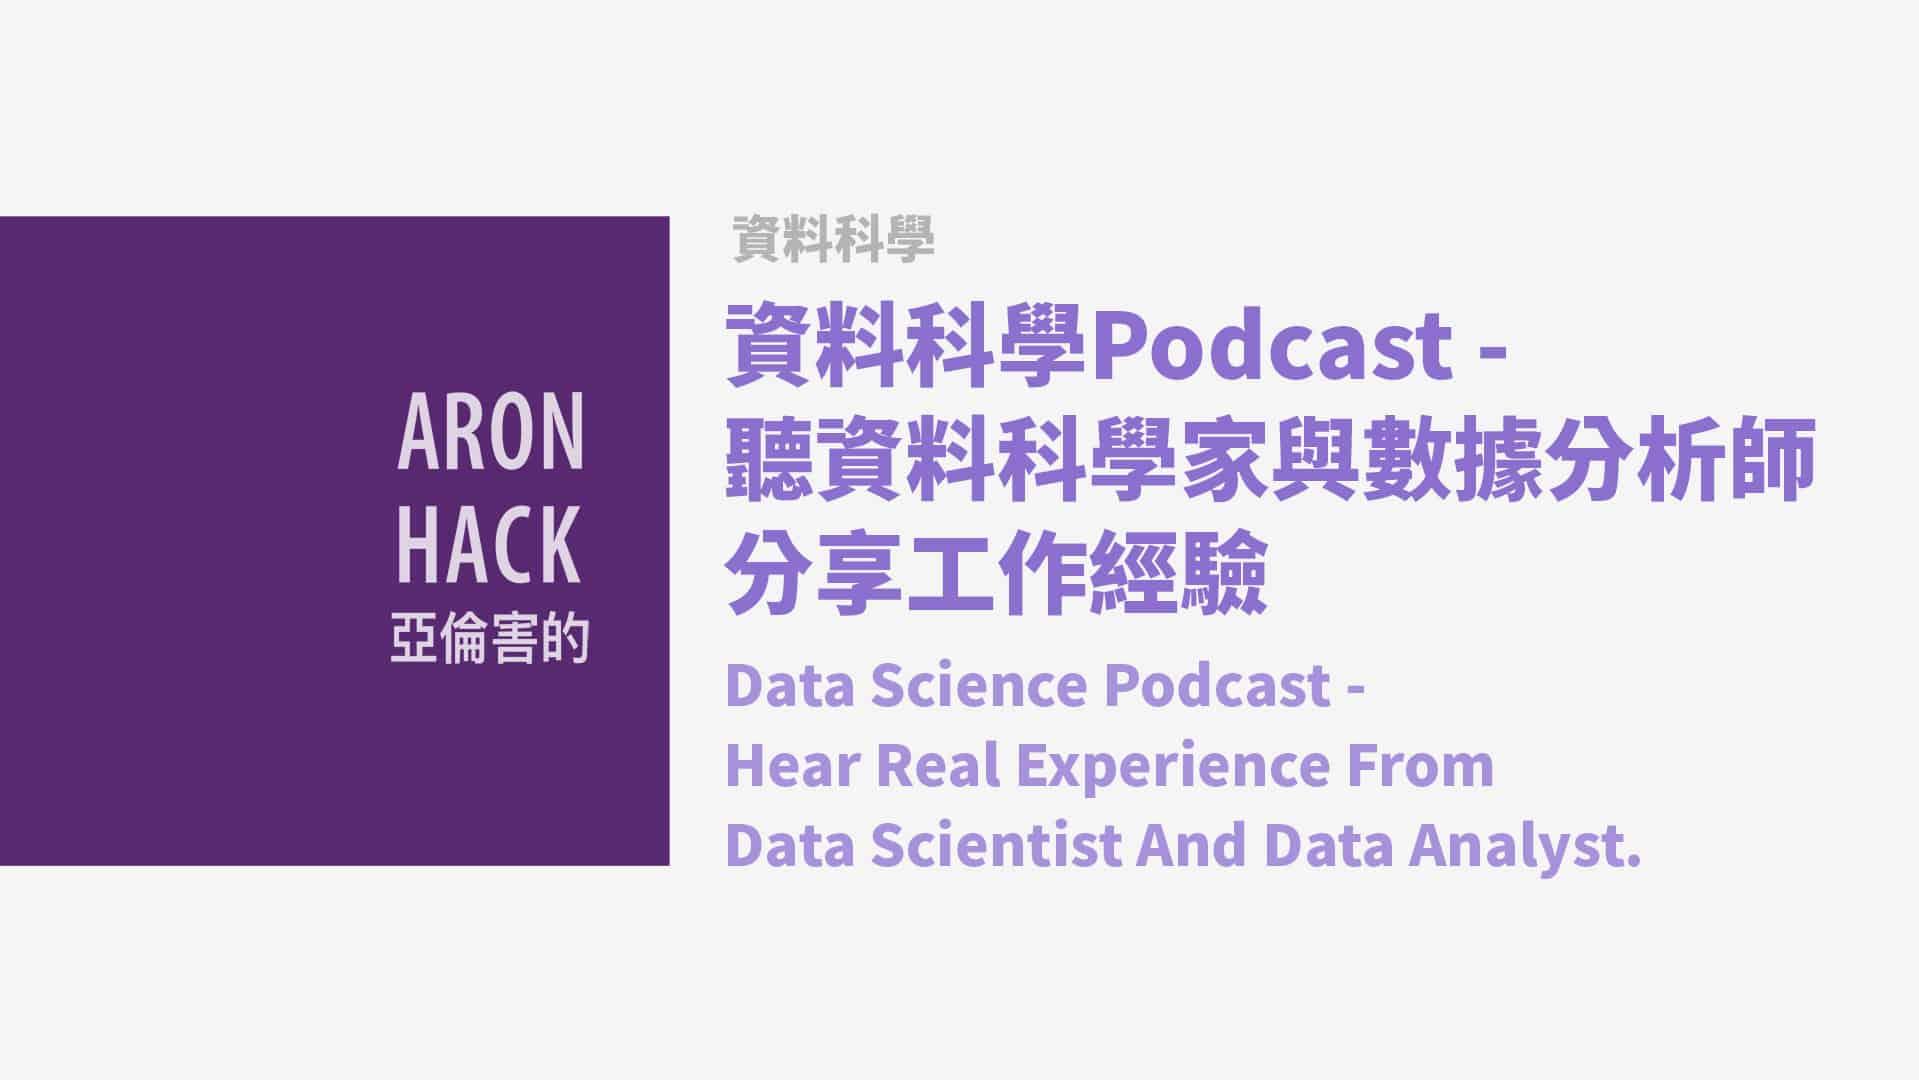 資料科學Podcast - 聽資料科學家與數據分析師 分享工作經驗